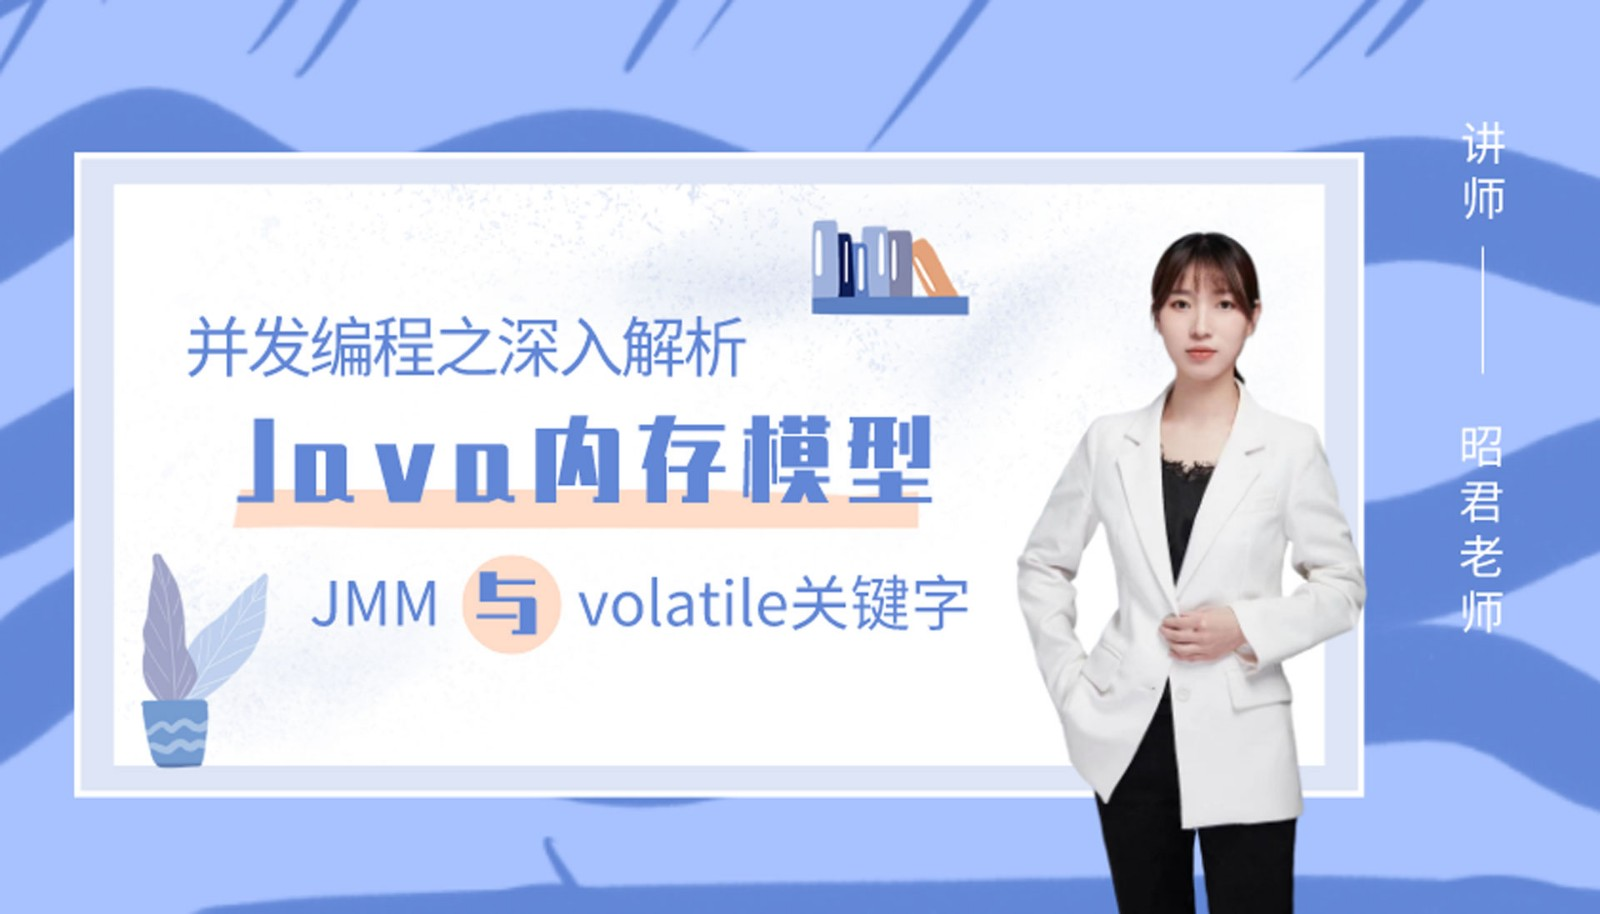 并发编程-深入解析Java内存模型JMM与volatile关键字